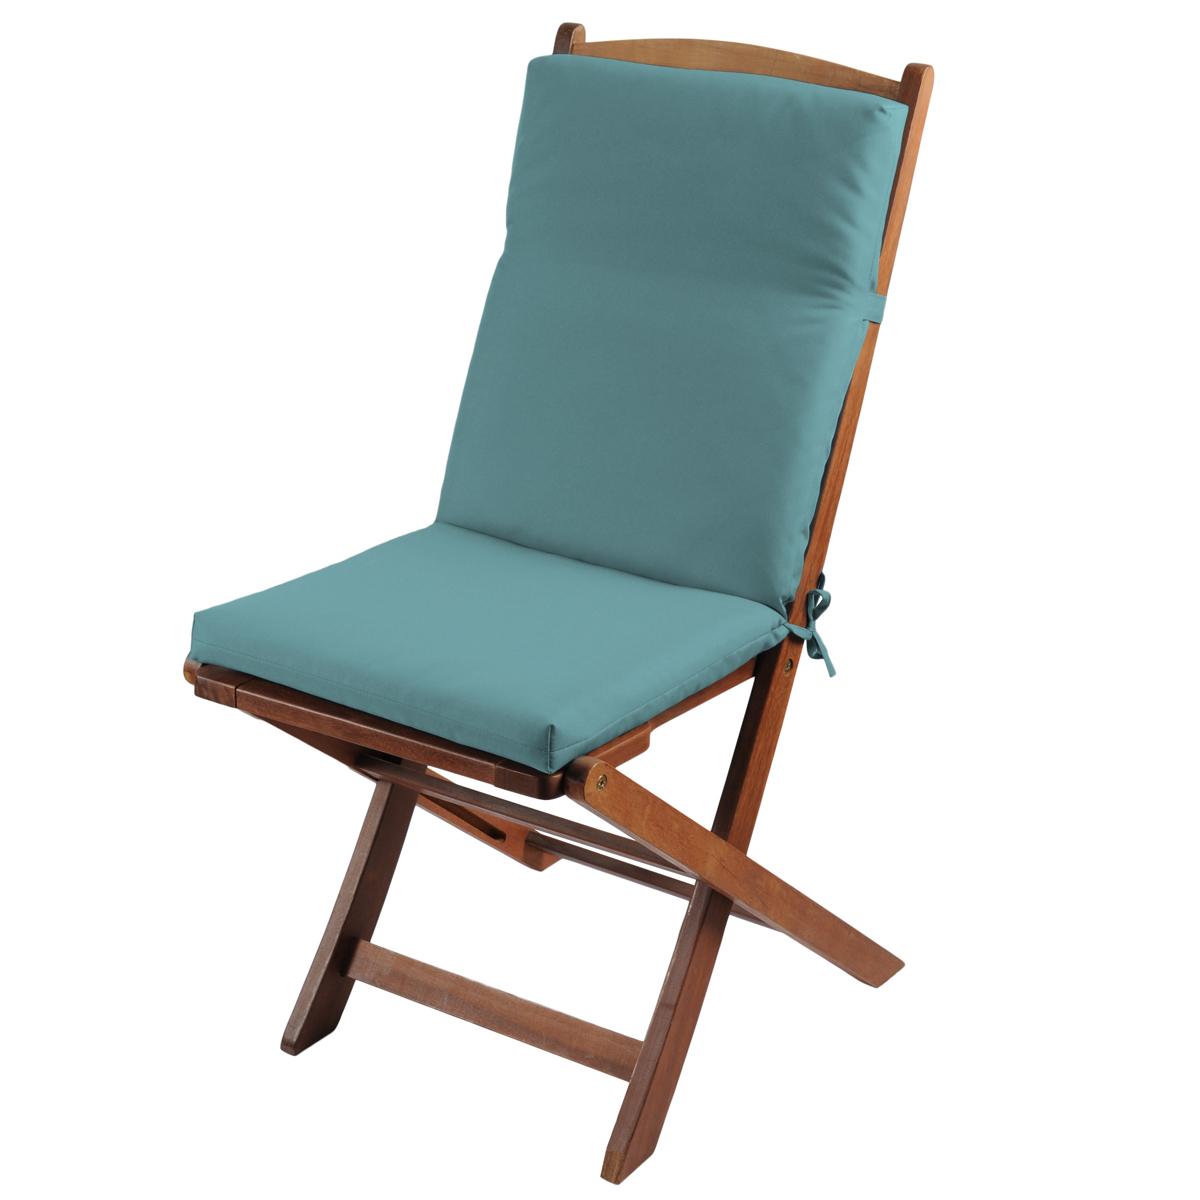 Coussin de fauteuil outdoor coloré - Bleu - 40 x 90 cm